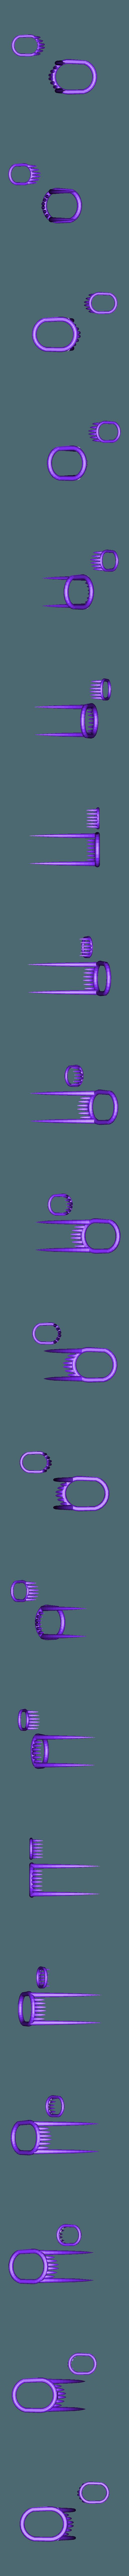 teeth2017a.STL Download free STL file long teeth • 3D printing model, syzguru11